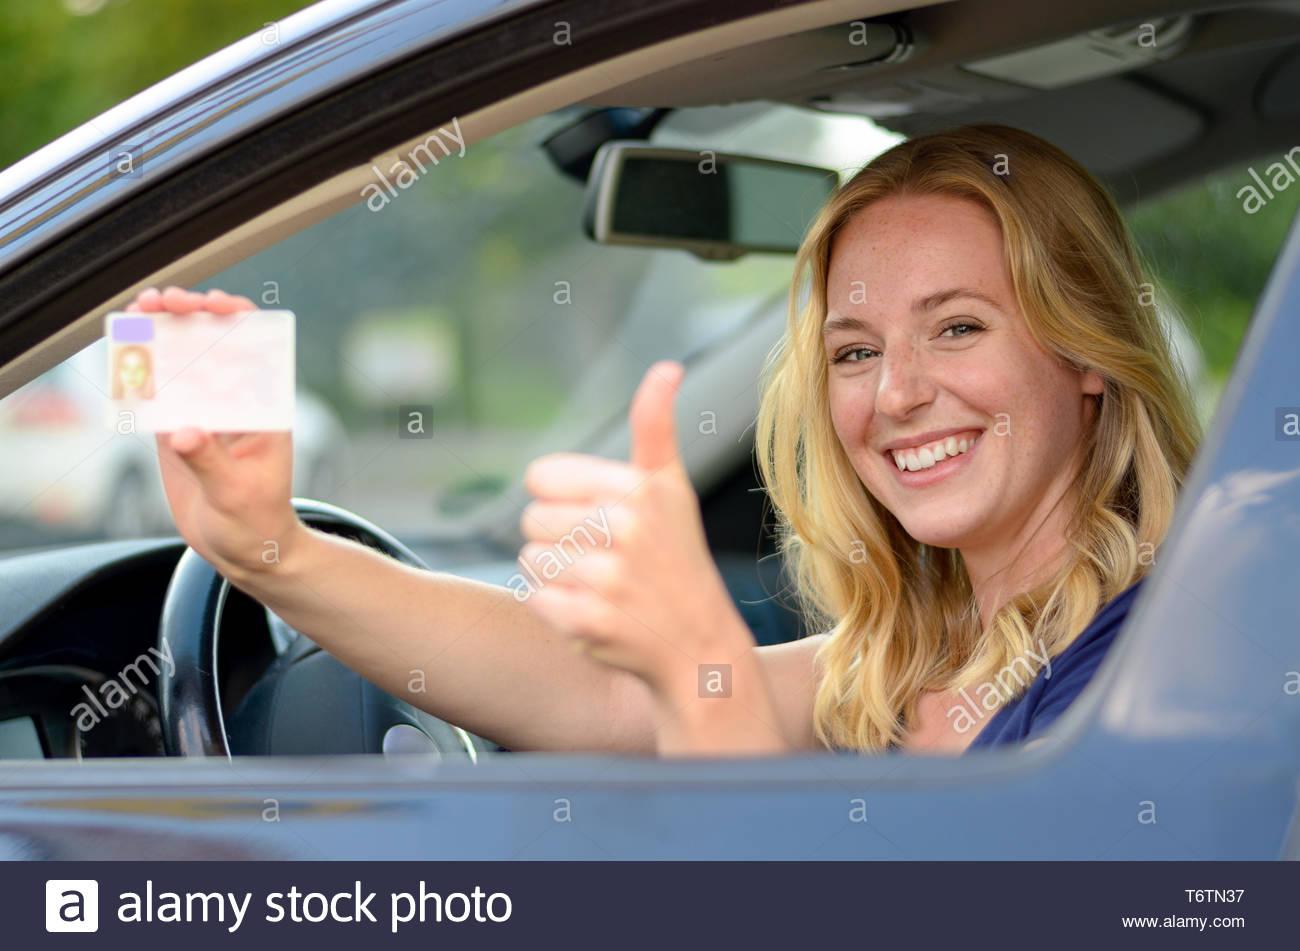 Joven Mujer rubia mostrando su licencia de conductores Imagen De Stock